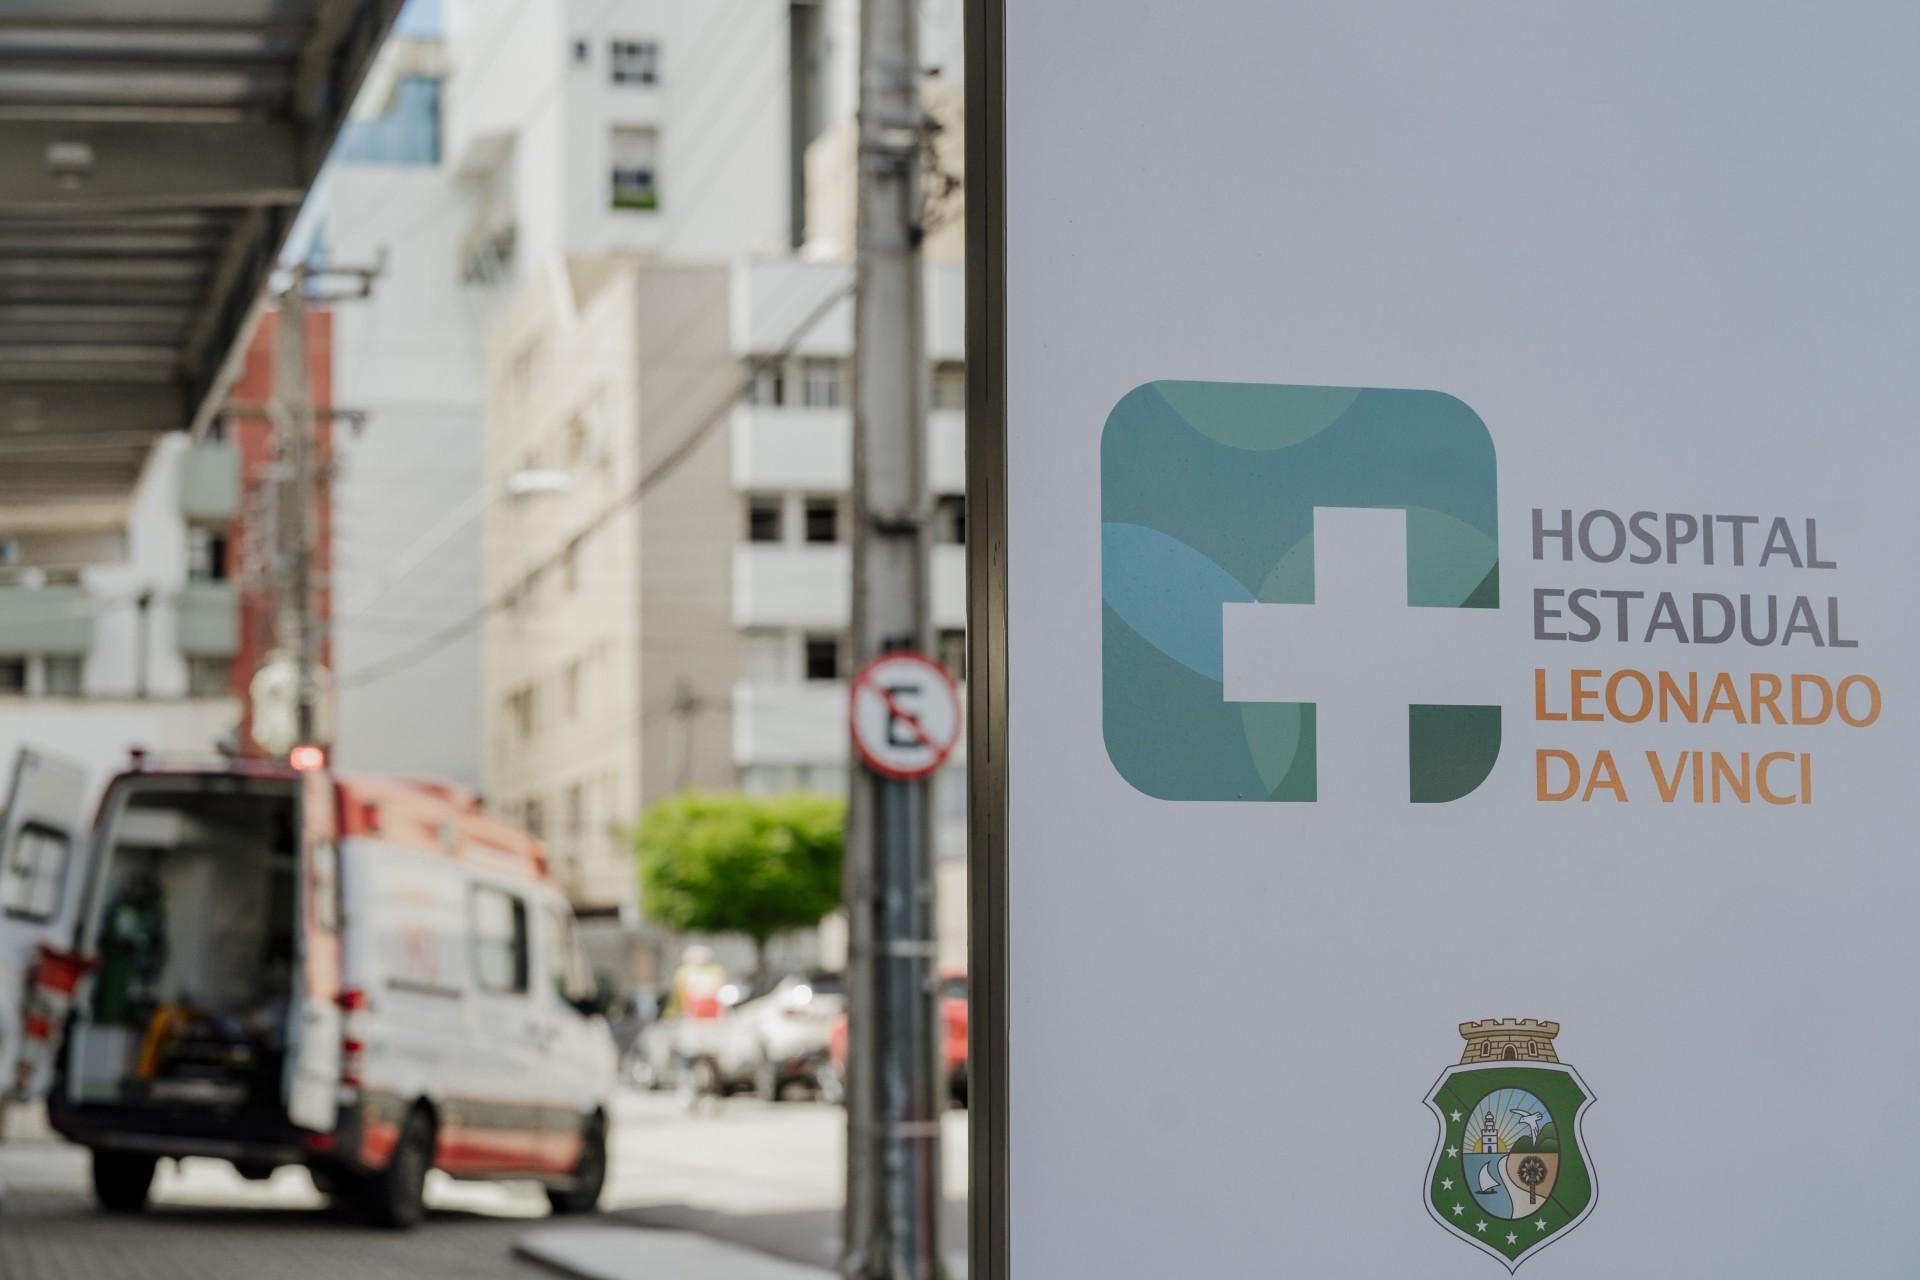 O Hospital Estadual Leonardo Da Vinci tem 47 leitos de UTI ativos para adulto, dos quais 36 estão ocupados. (Foto: JÚLIO CAESAR)